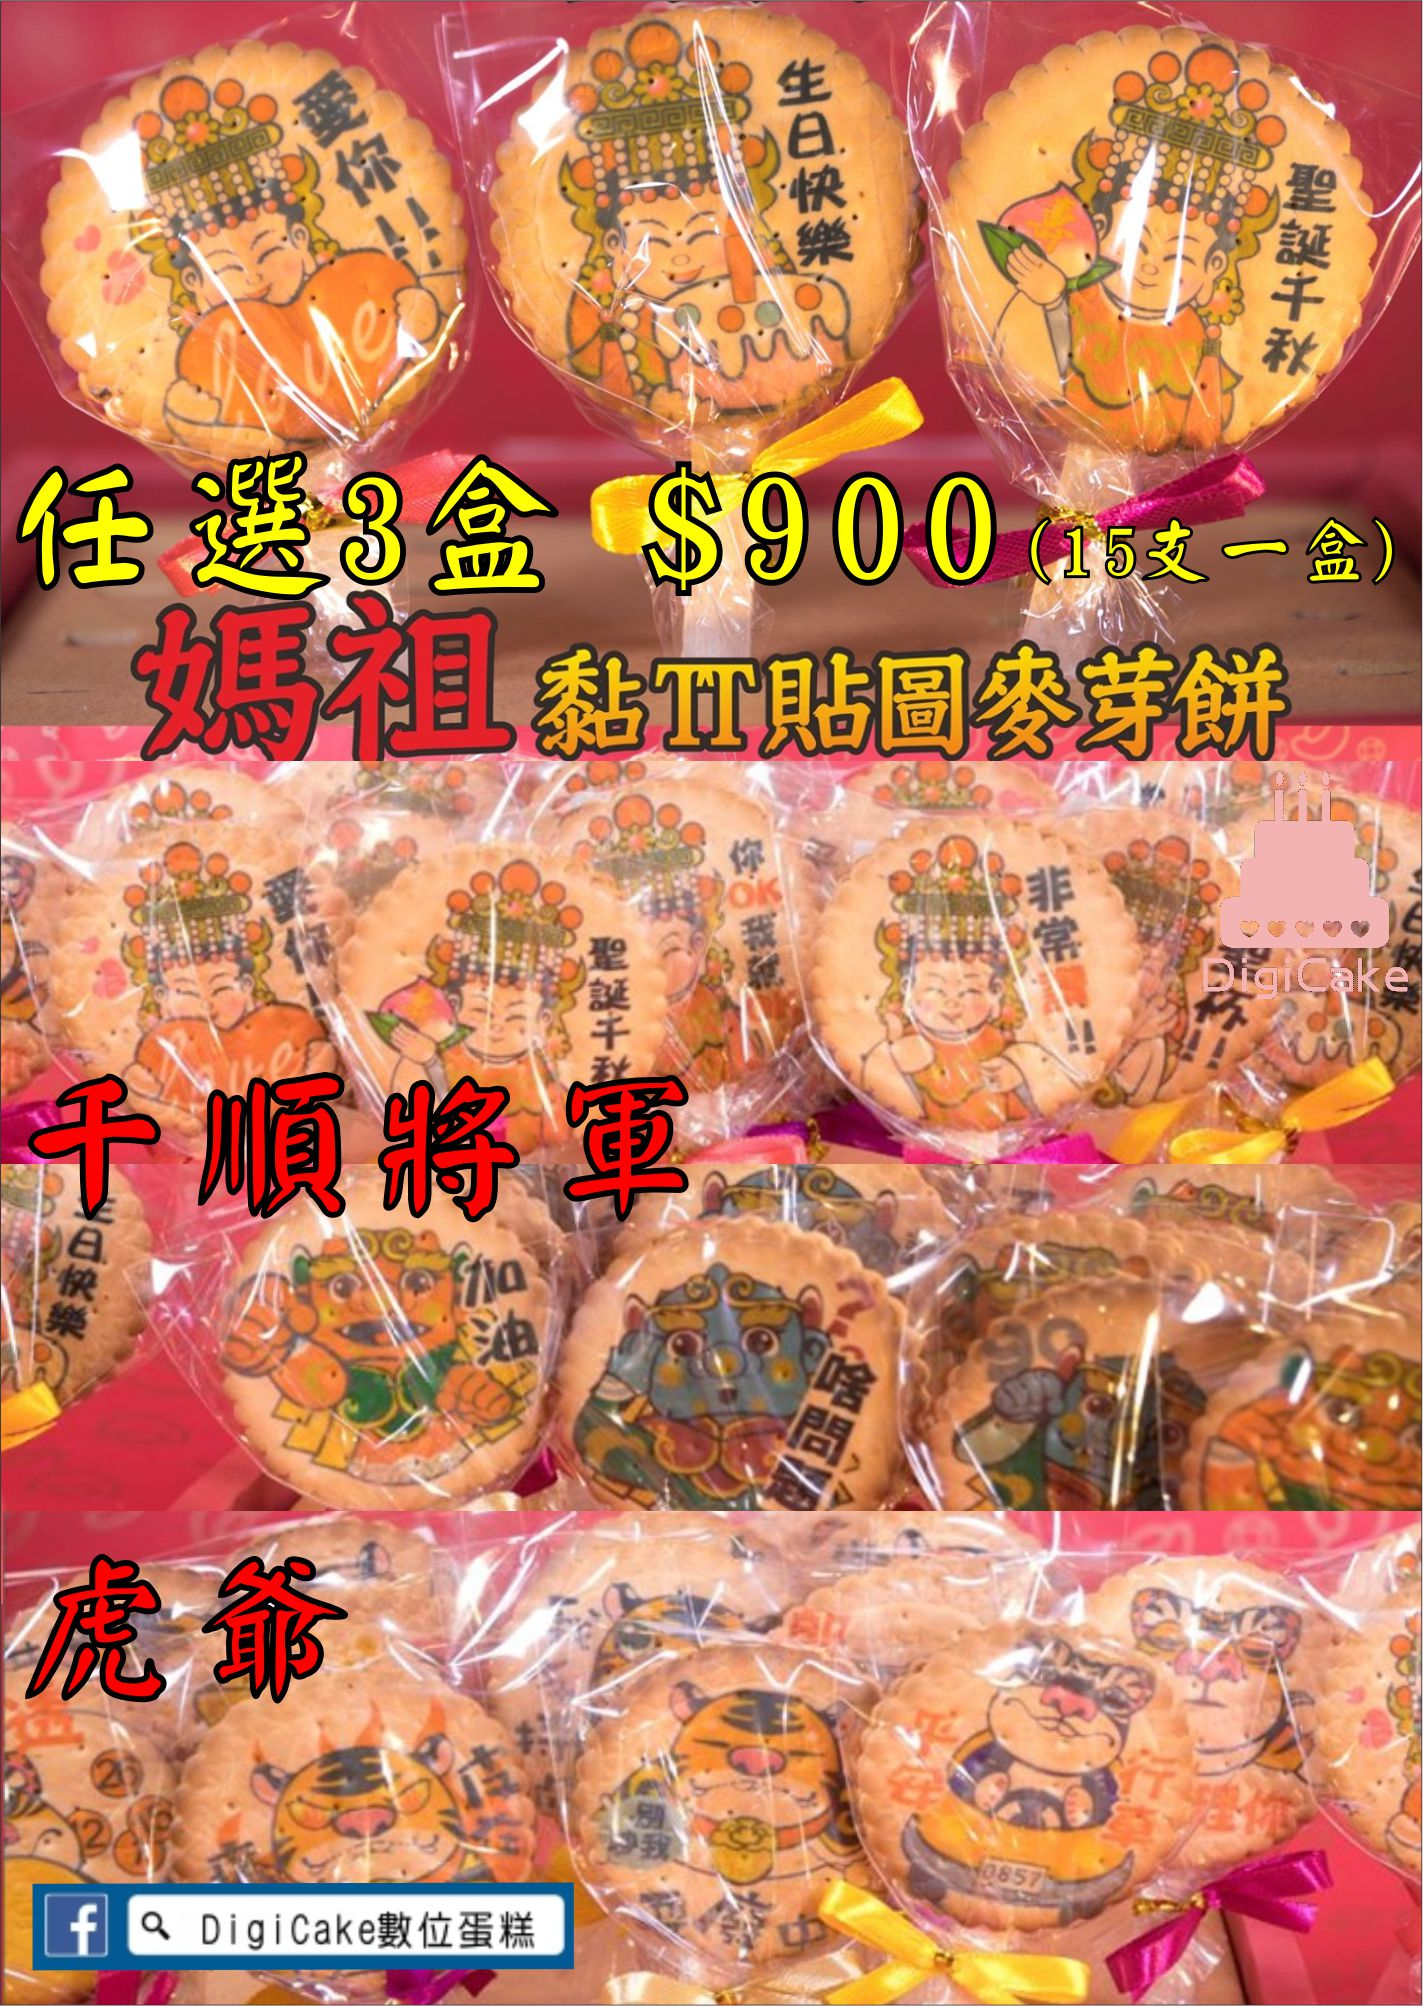 點此進入【任選3盒900】天上聖母黏TT麥芽餅15支裝一盒(媽祖/千順將軍/虎爺)的詳細資料!